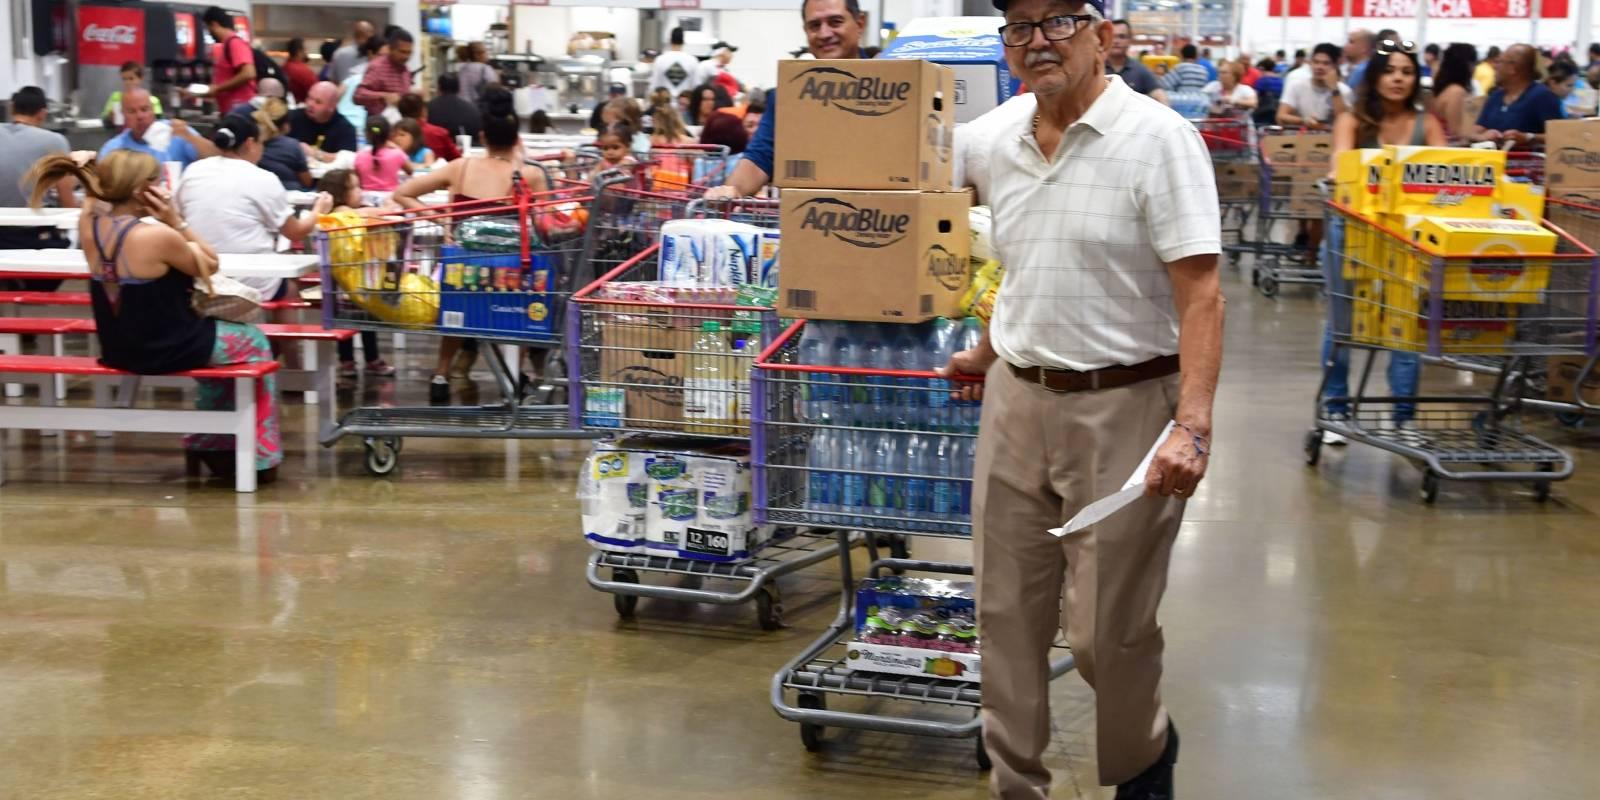 Algunos artículos como plantas eléctricas y agua se terminaron. Varios comerciantes se encontraban en los almacenes haciendo compras no relacionadas al posible paso del ciclón. Foto: Dennis Jones